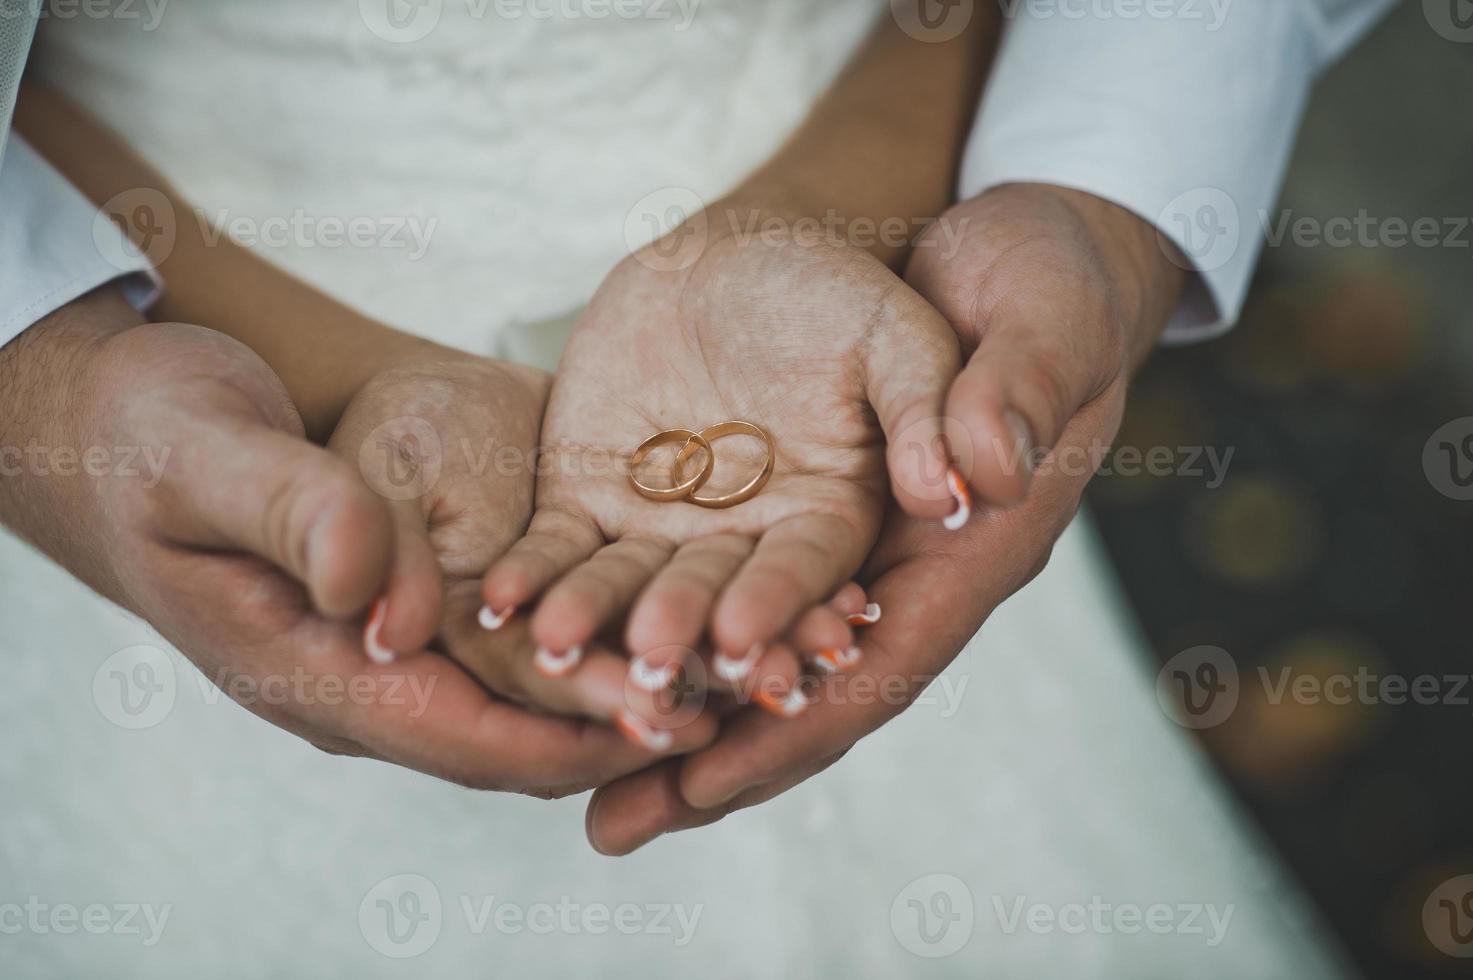 alianças nas mãos do casal recém-casado em 1929. foto